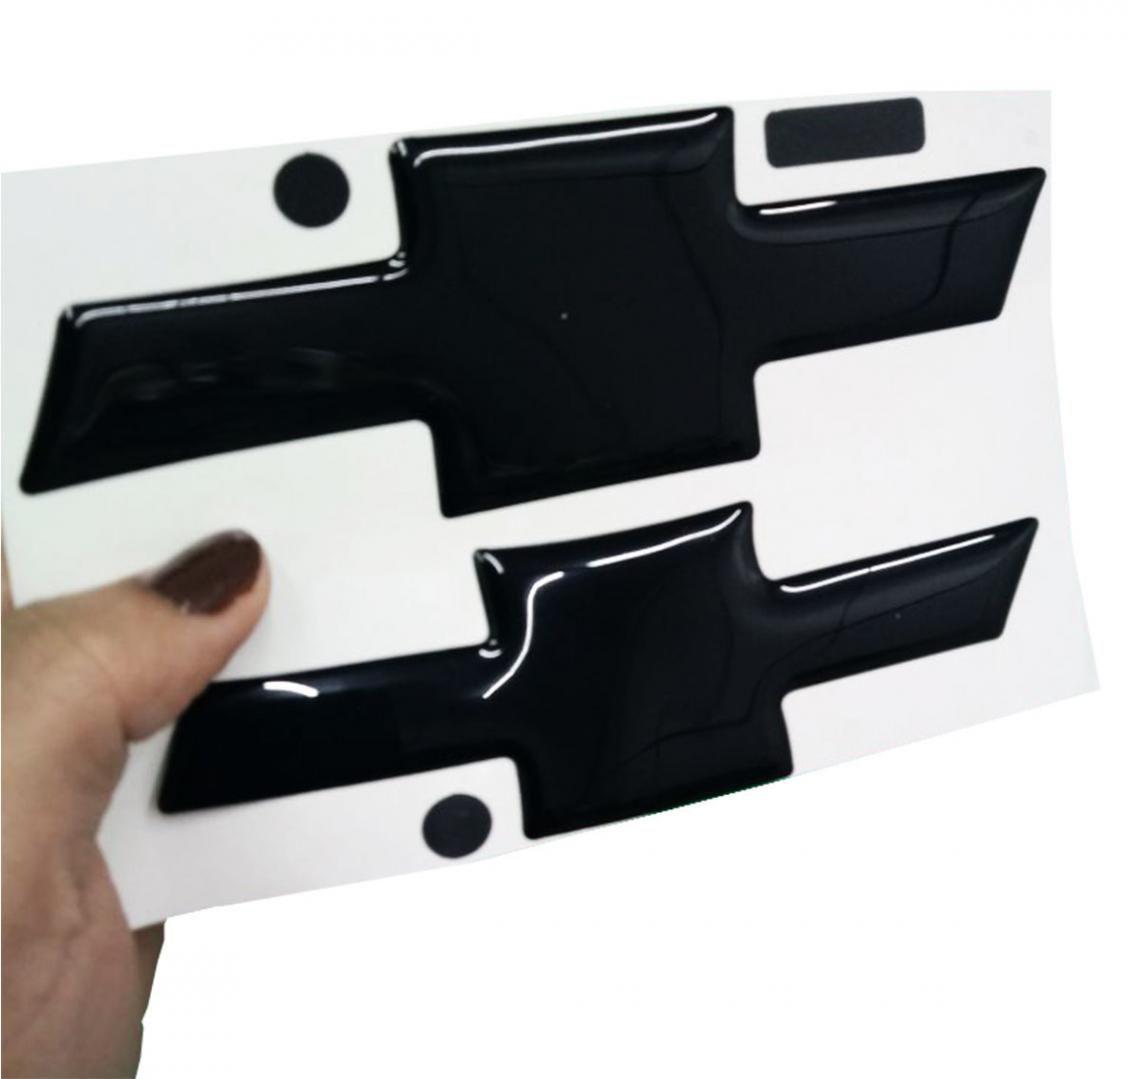 Gravata Adesiva Resinada Spin 2012 até 2017 Black Piano